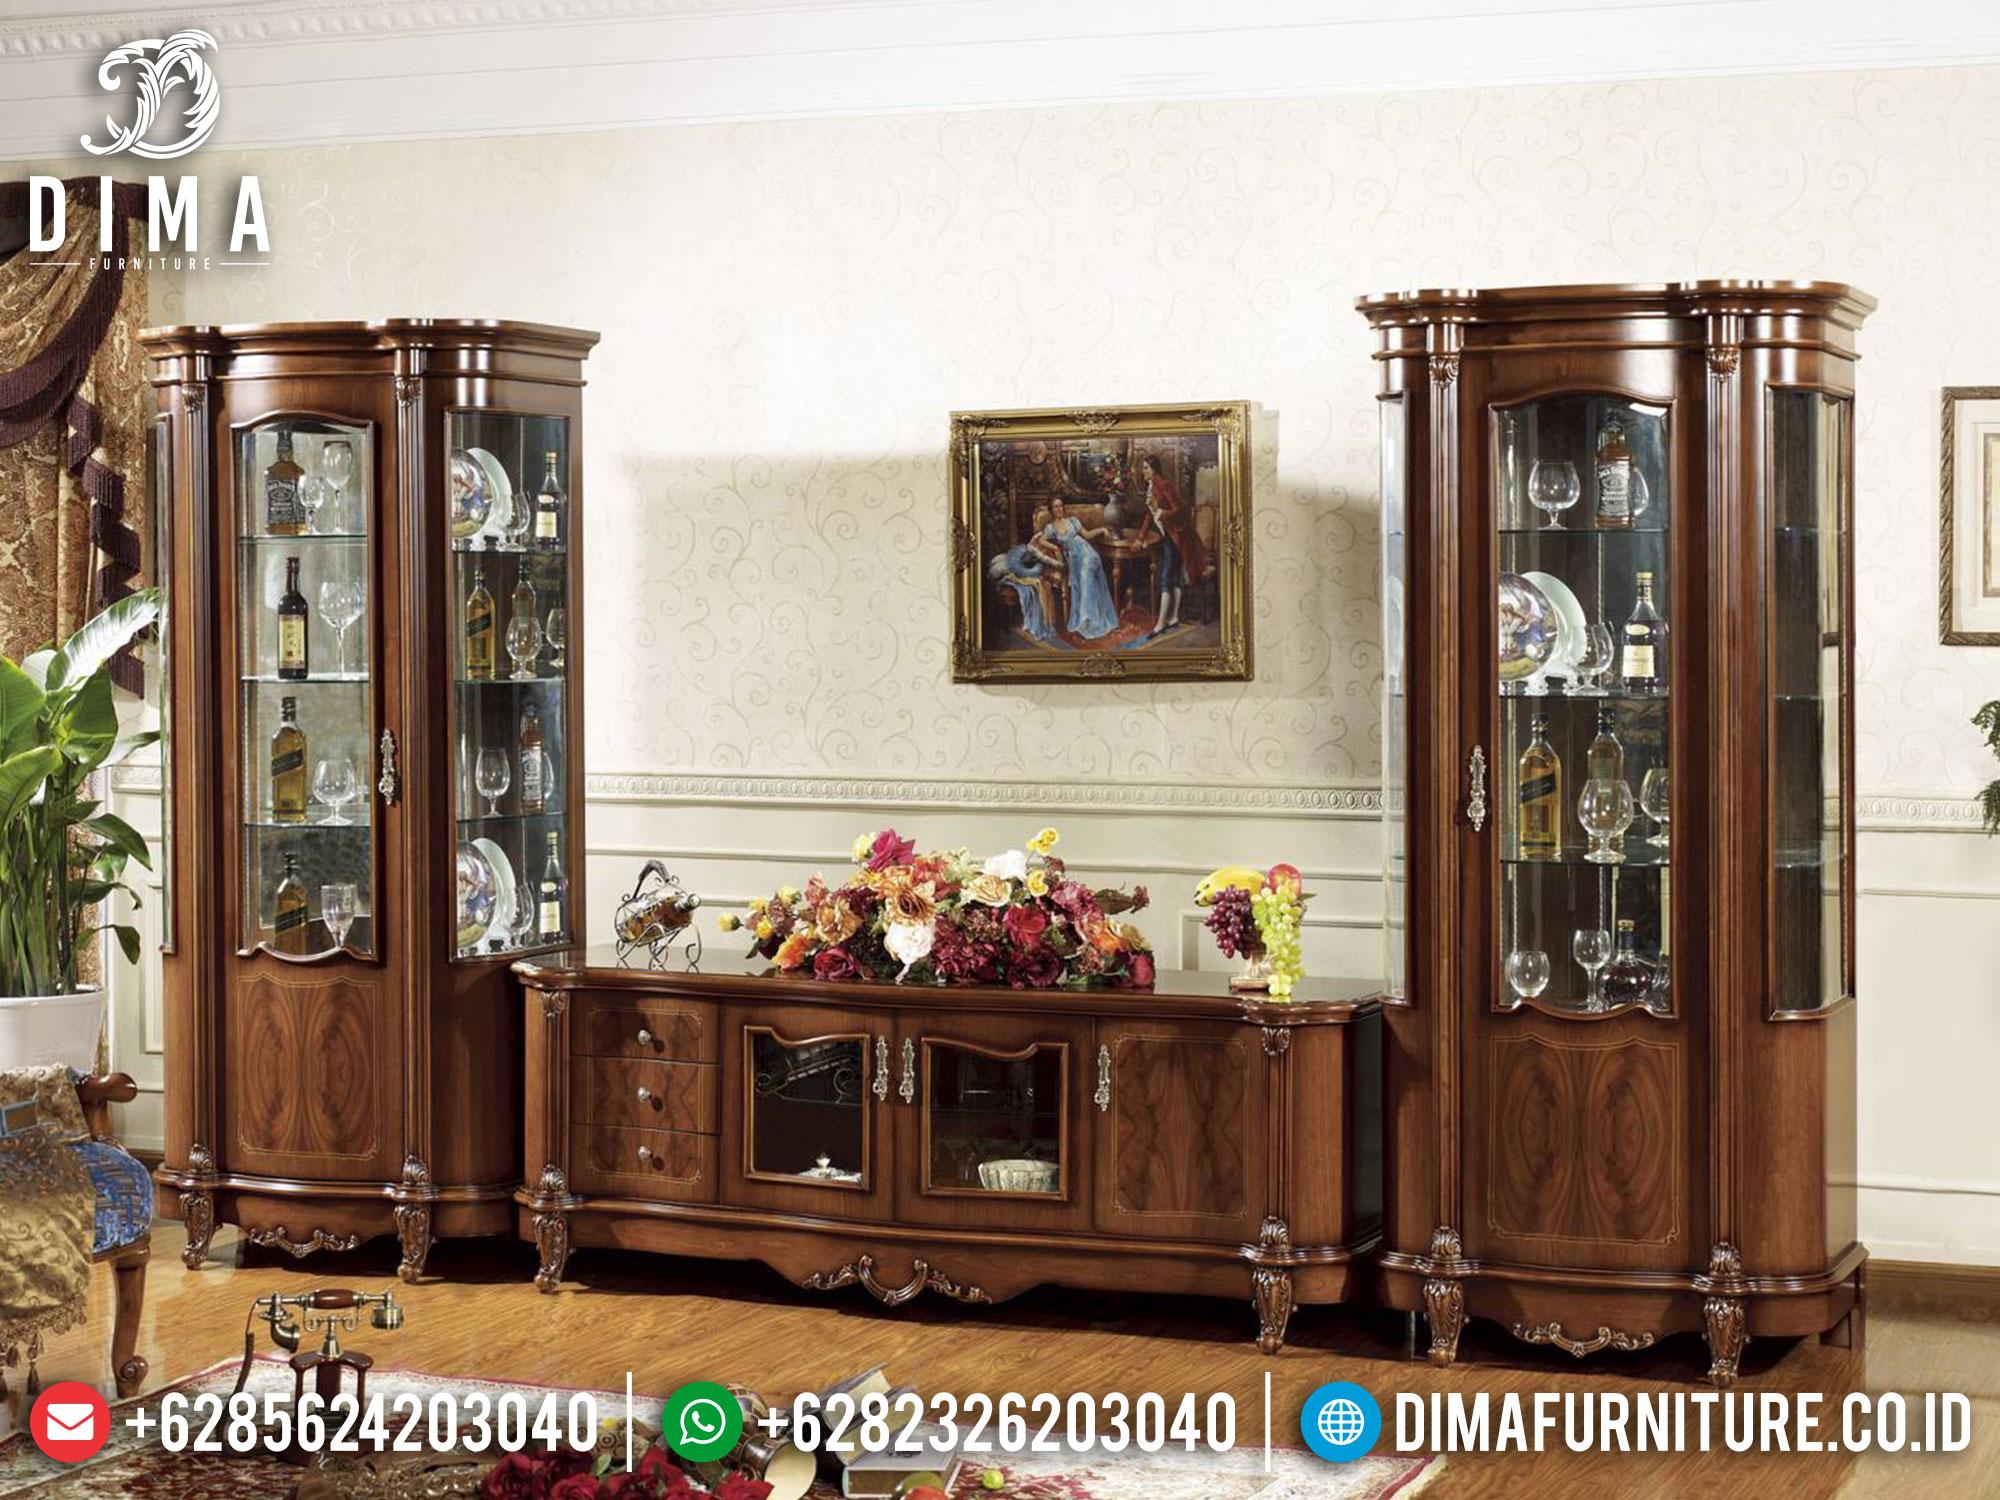 Harga Bufet TV Mewah Jepara Natural Jati Luxury Carving TTJ-1658